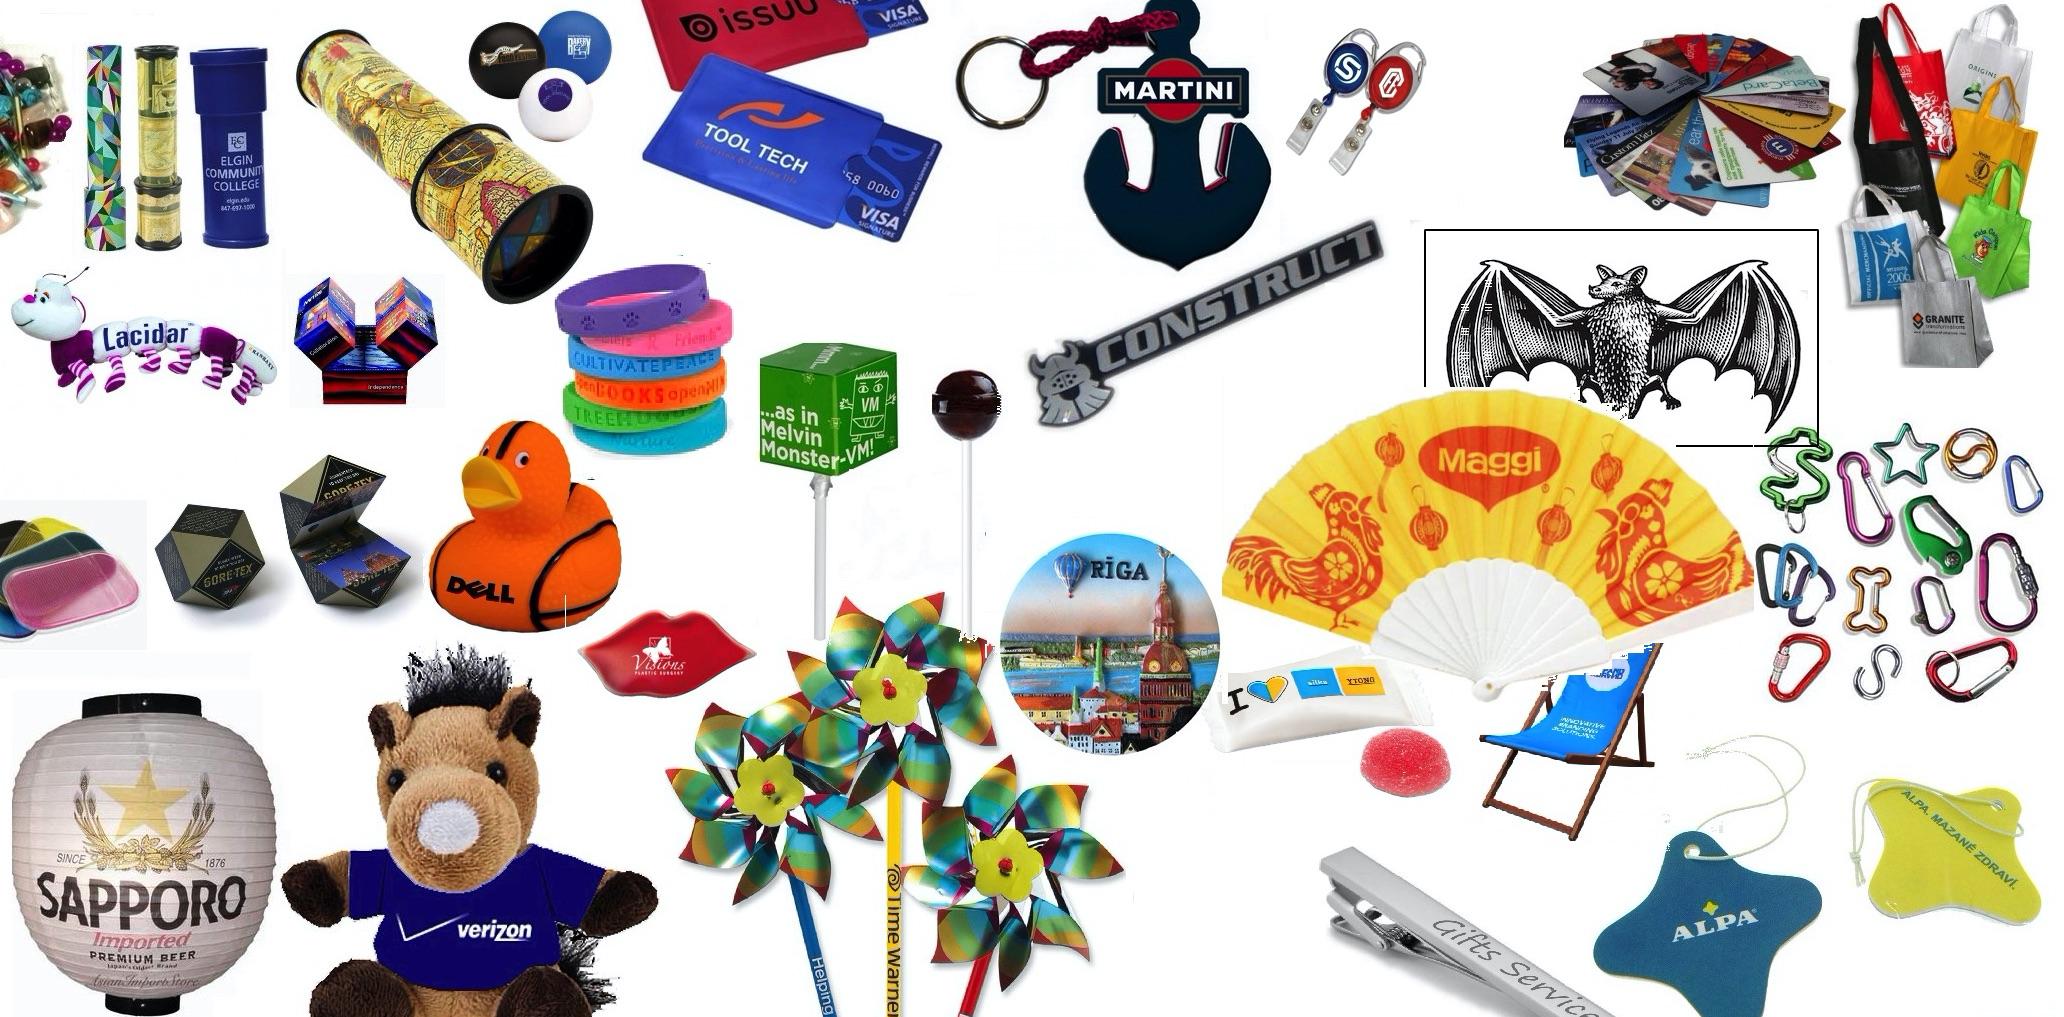 Výrobce kaleidoskopů a krasohledů na zakázku